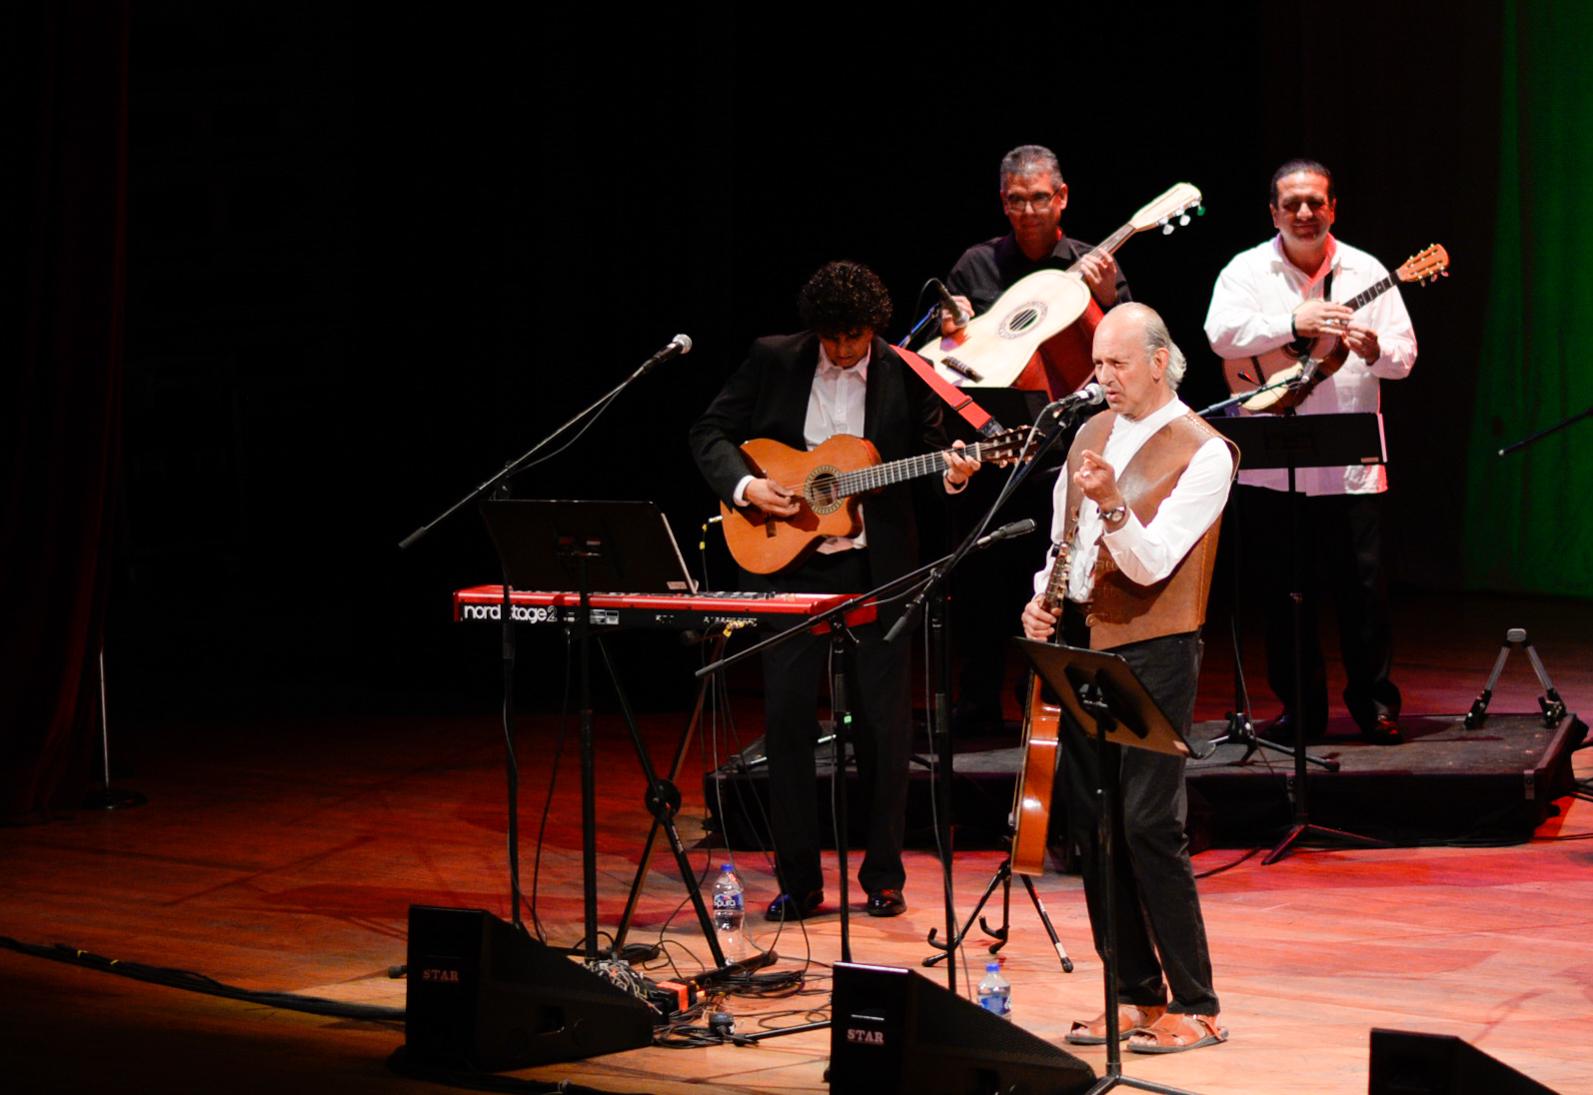 Se realizó con éxito el concierto de Paco Padilla a beneficio de la Unidad de Atención a Niños con Quemaduras Graves del HCG